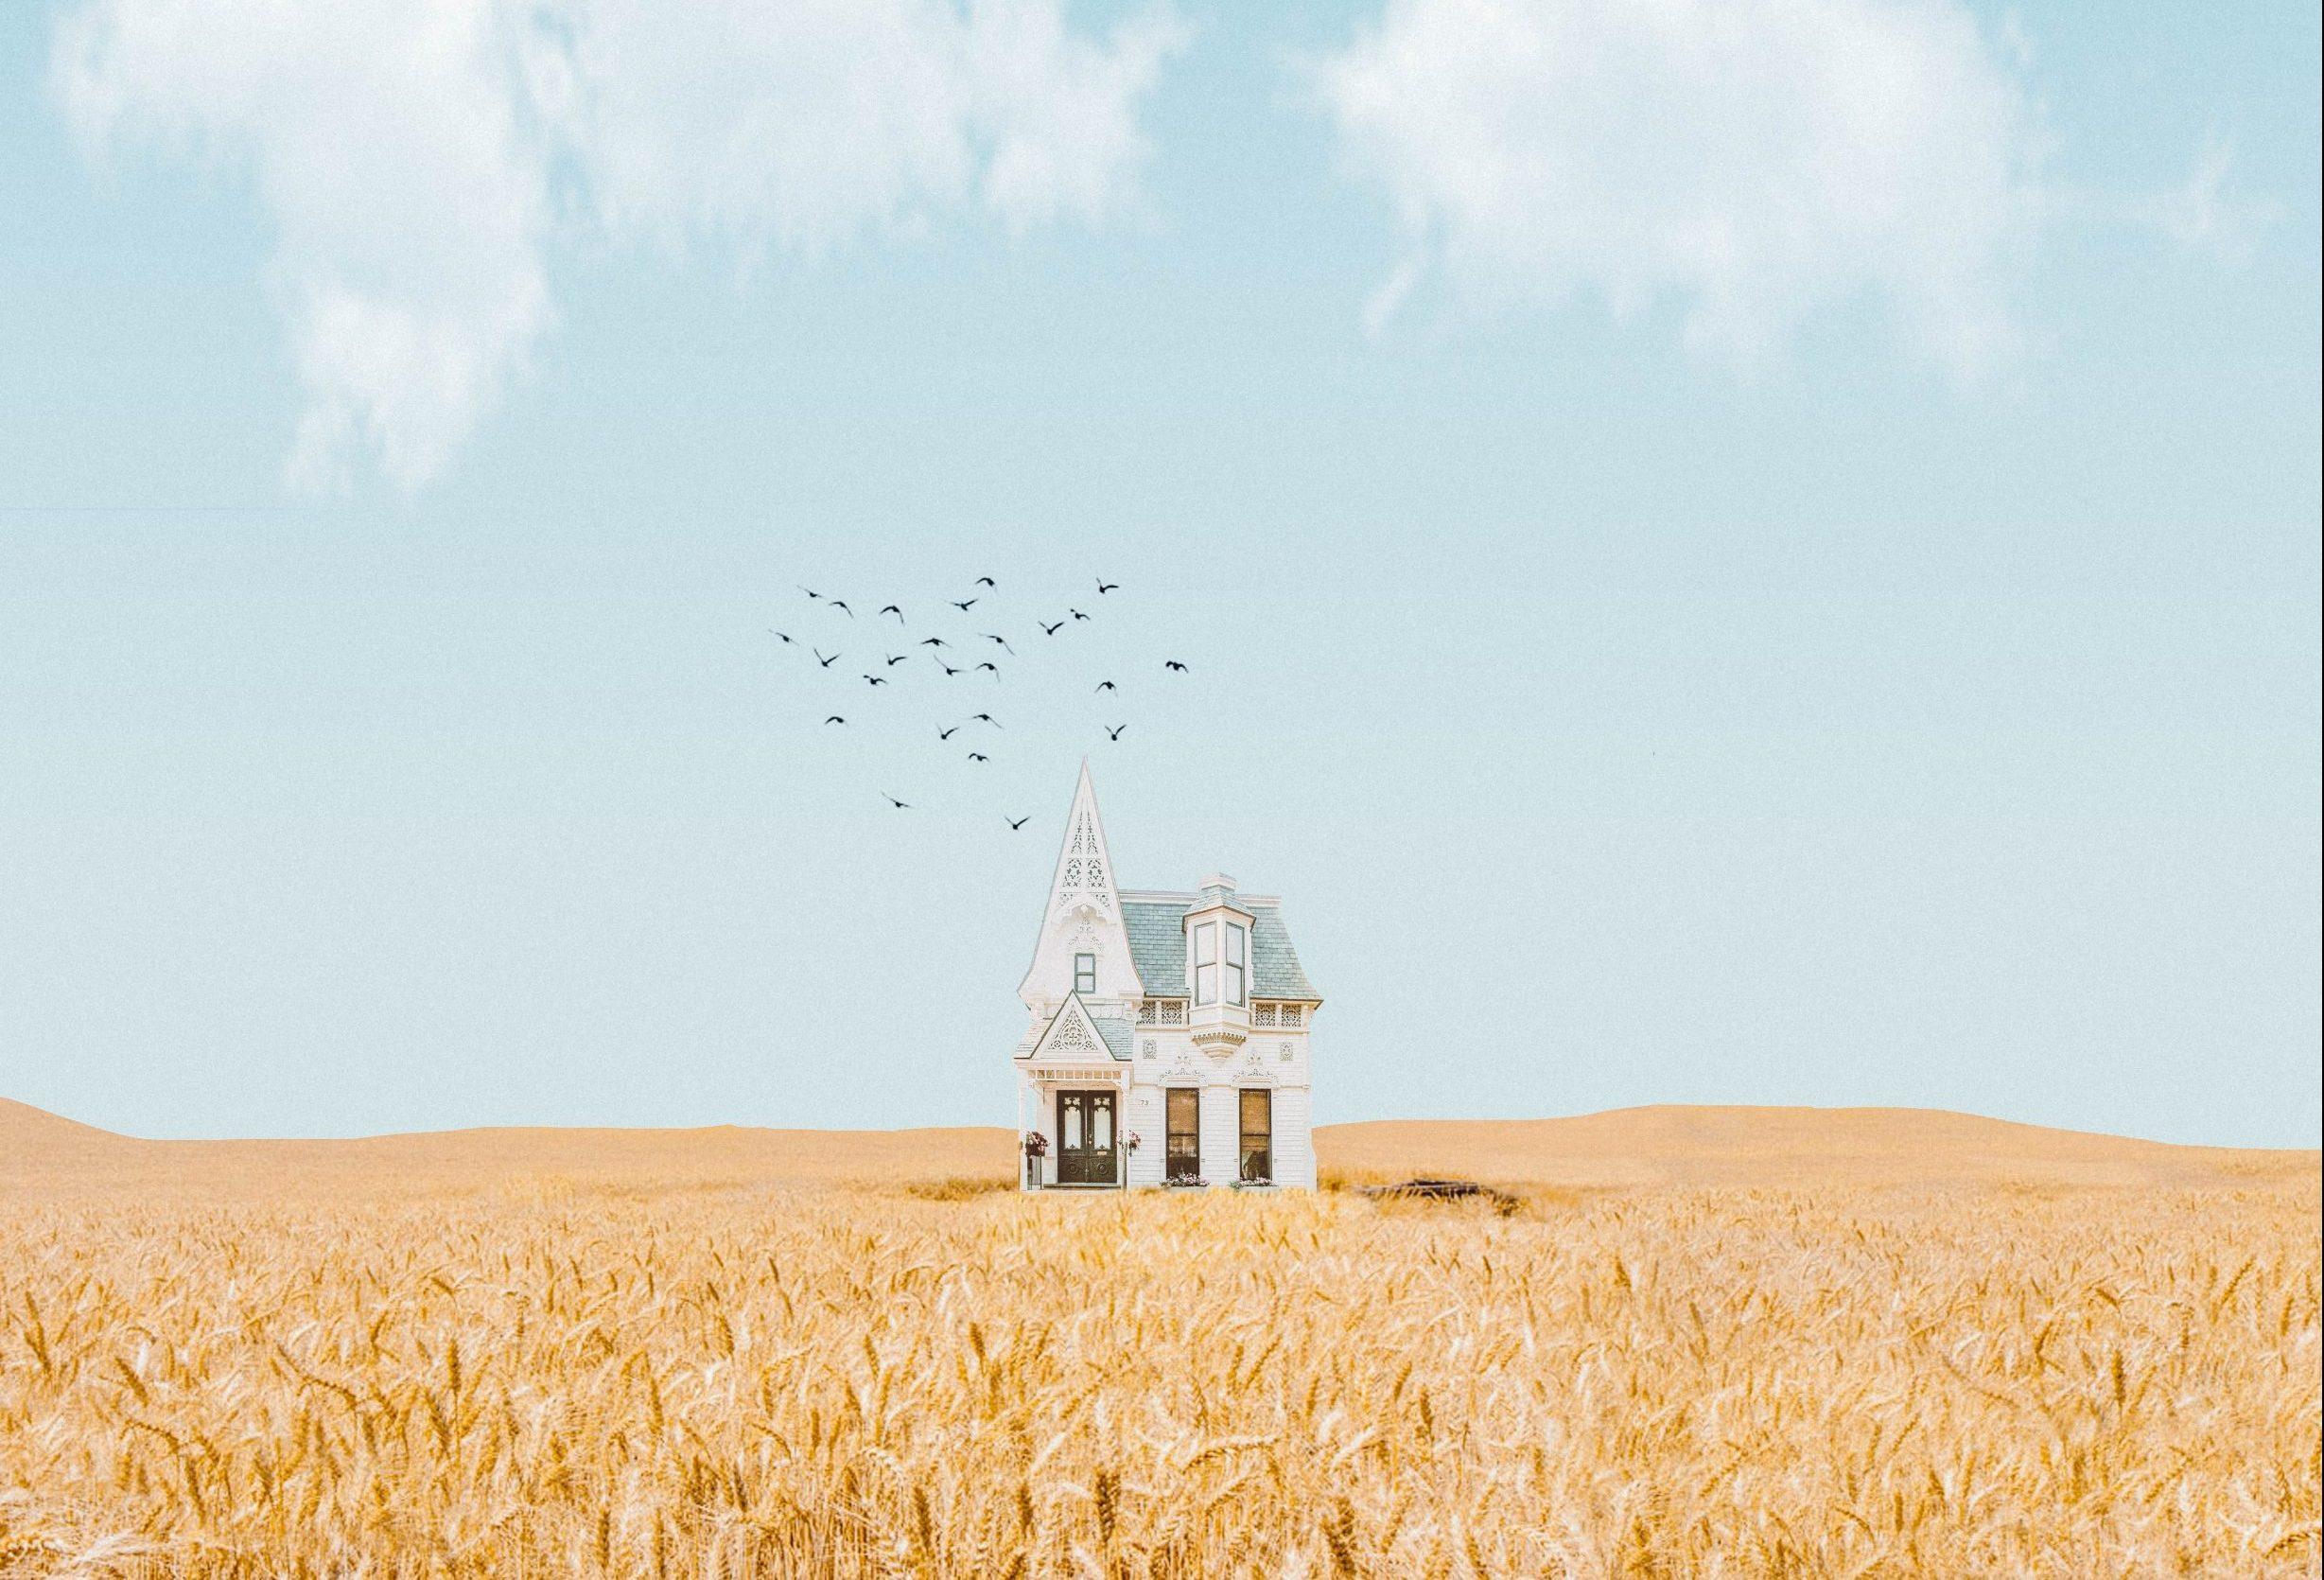 בית מבודד בשדה חיטה